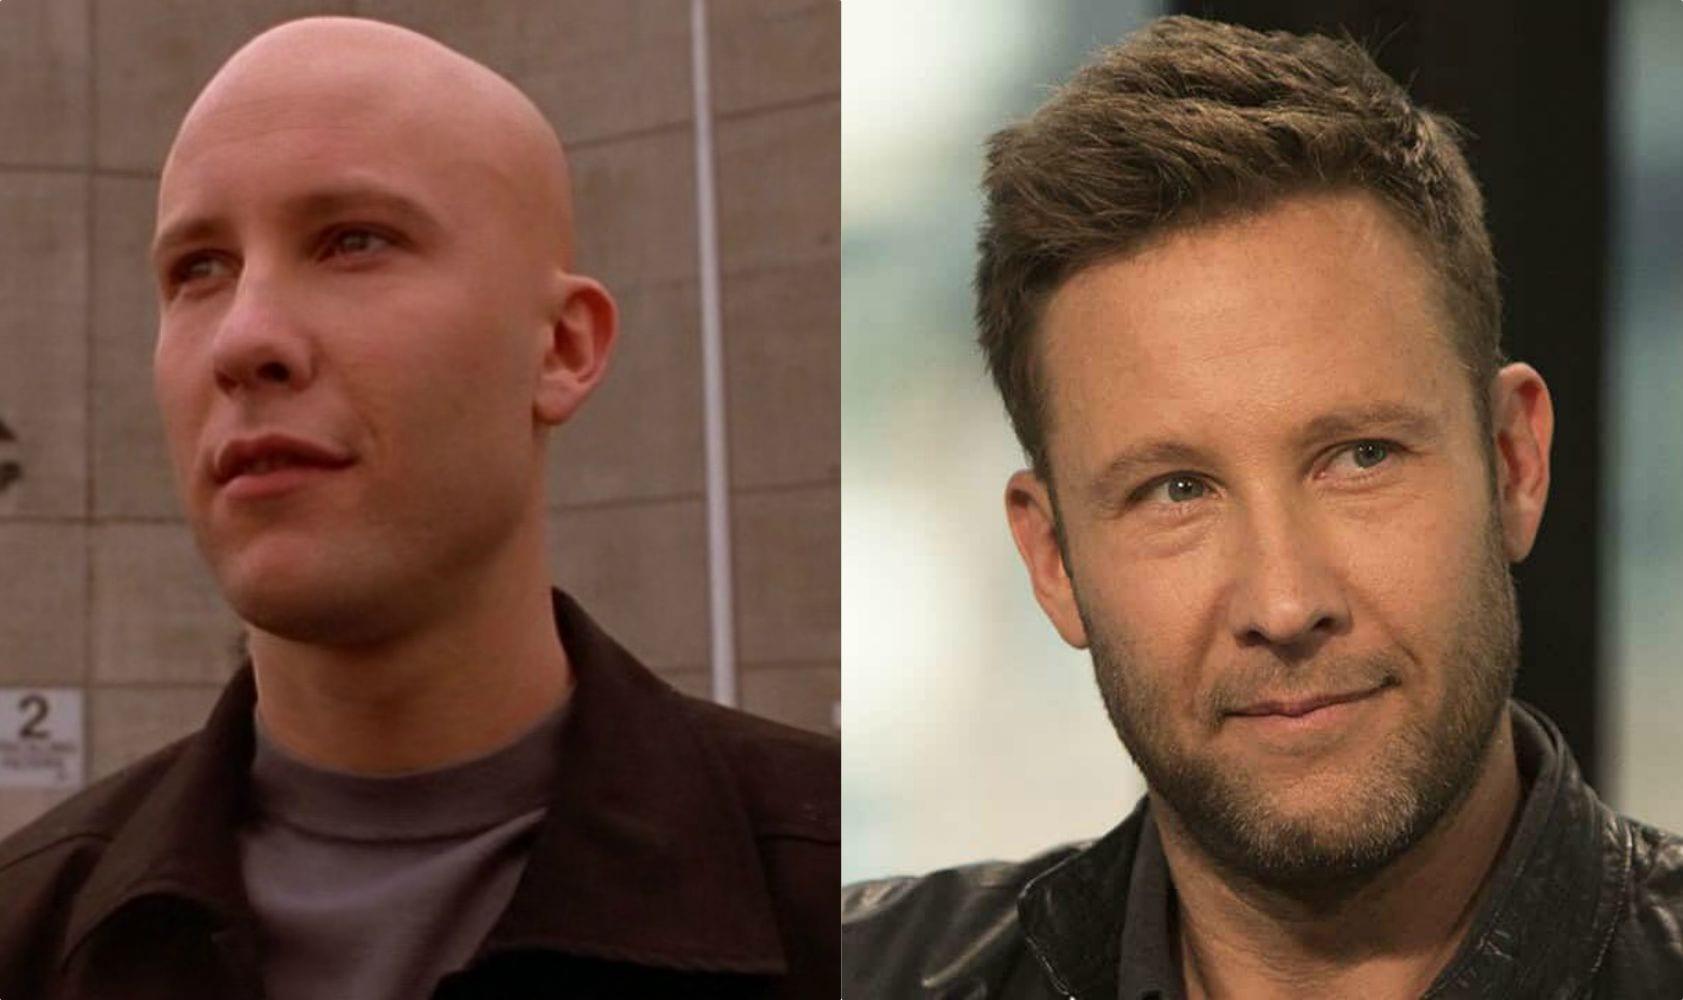 Luthor Smallville oggi 47 molti capelli irriconoscibile FOTO]